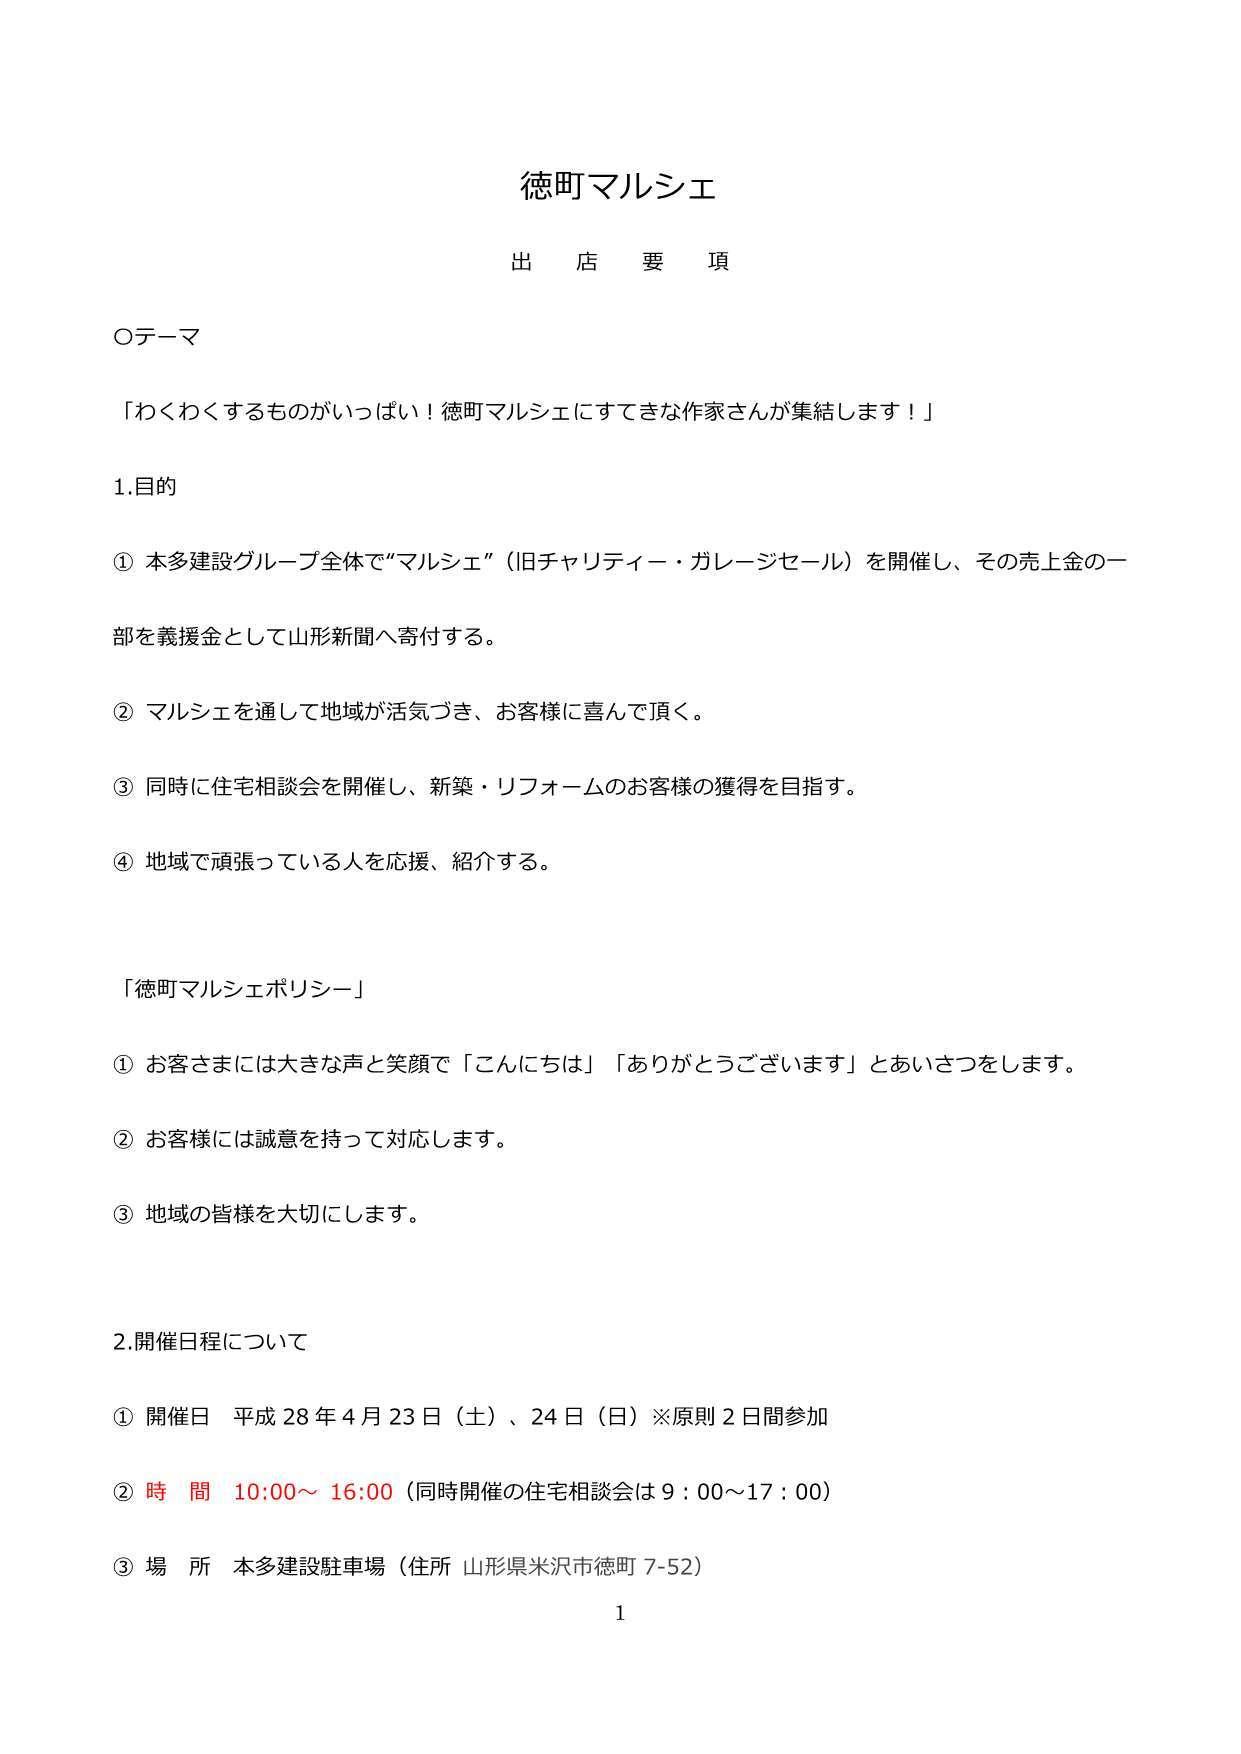 https://lixil-reformshop.jp/shop/SP00000487/marusyeyoukou_1.jpg